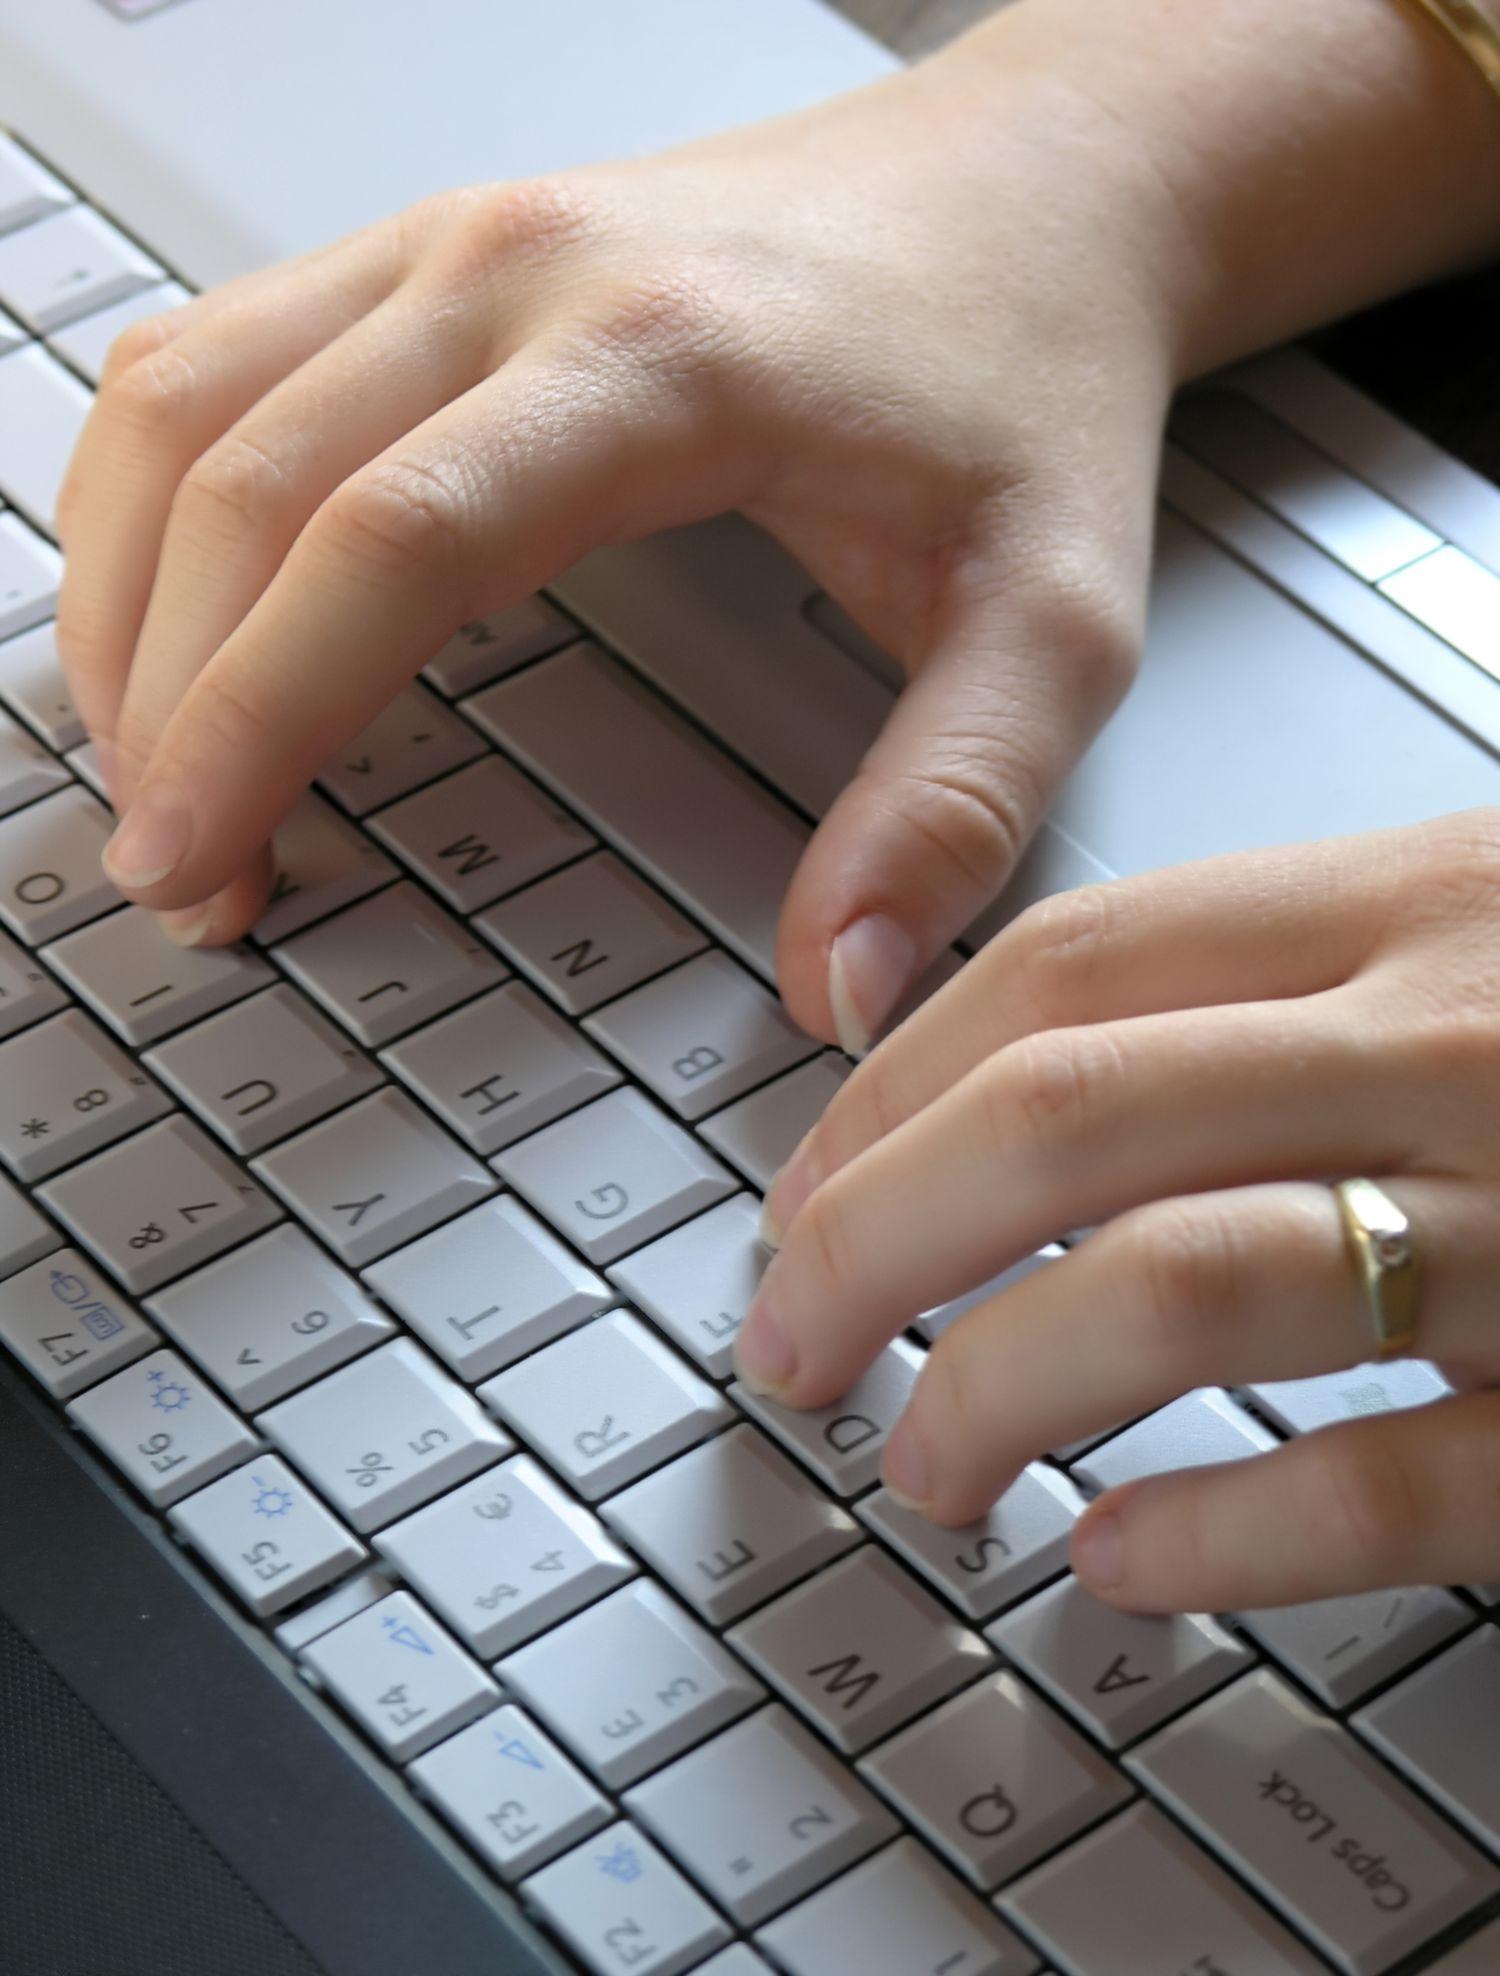 Comment flirter avec une fille sur internet